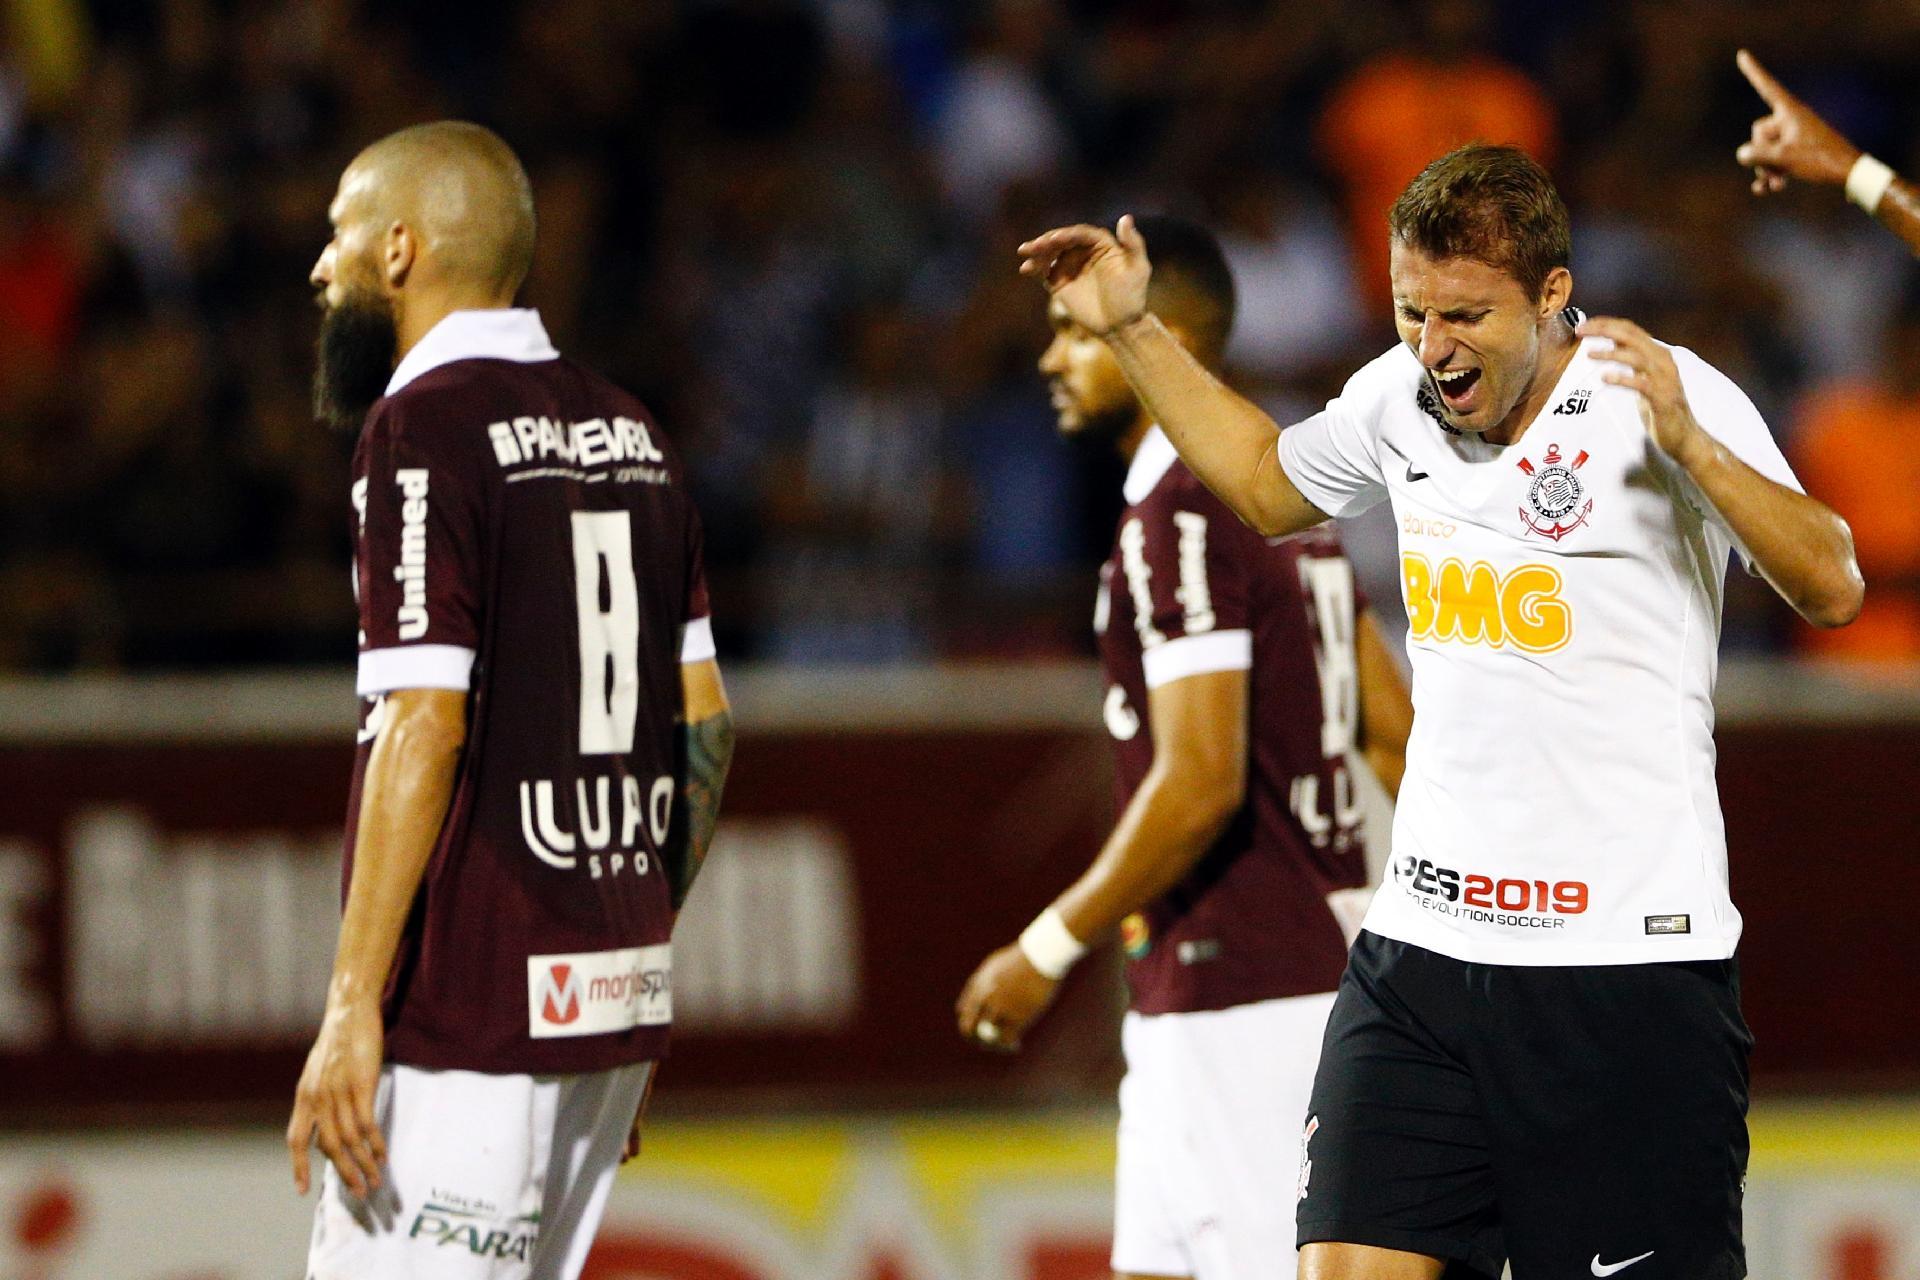 5748e11a97dcf Corinthians vai à semi sem levar gols pelo alto há 6 jogos - 29 03 2019 -  UOL Esporte